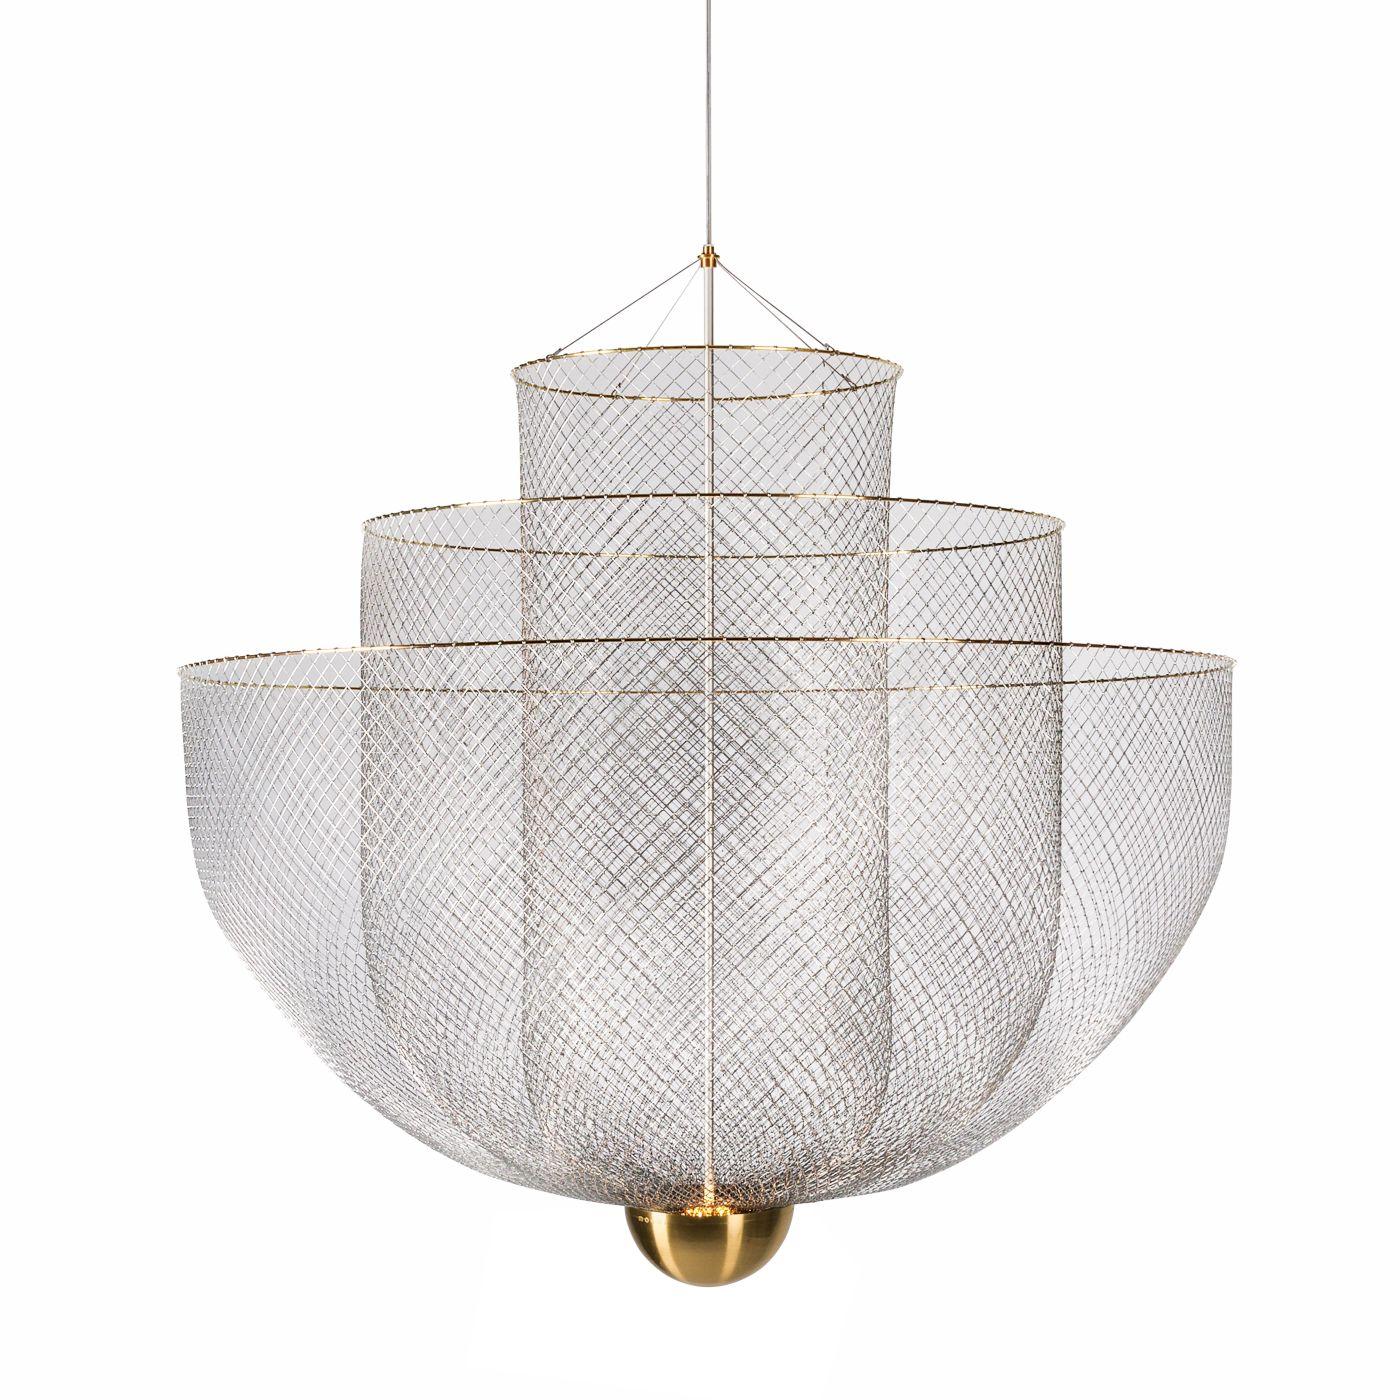 Led Electrique Transformateur 2 Pour Lampes Chandelier OmNn0wv8